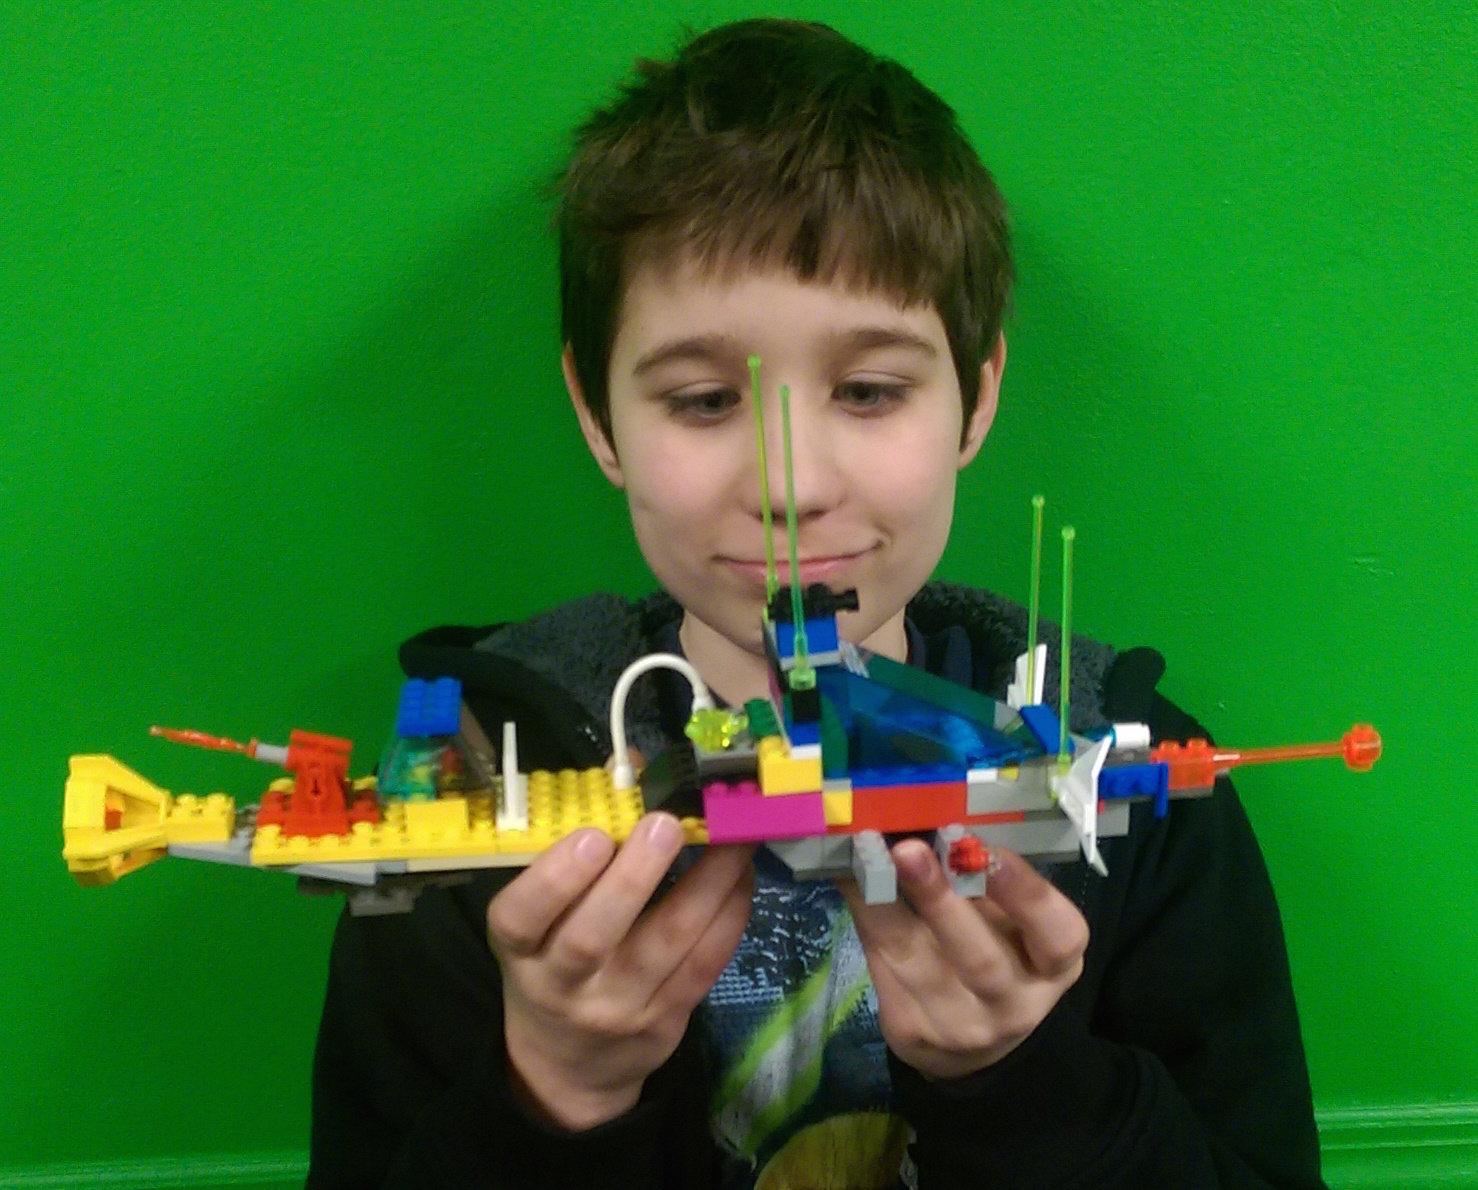 Lego Animation/Claymation